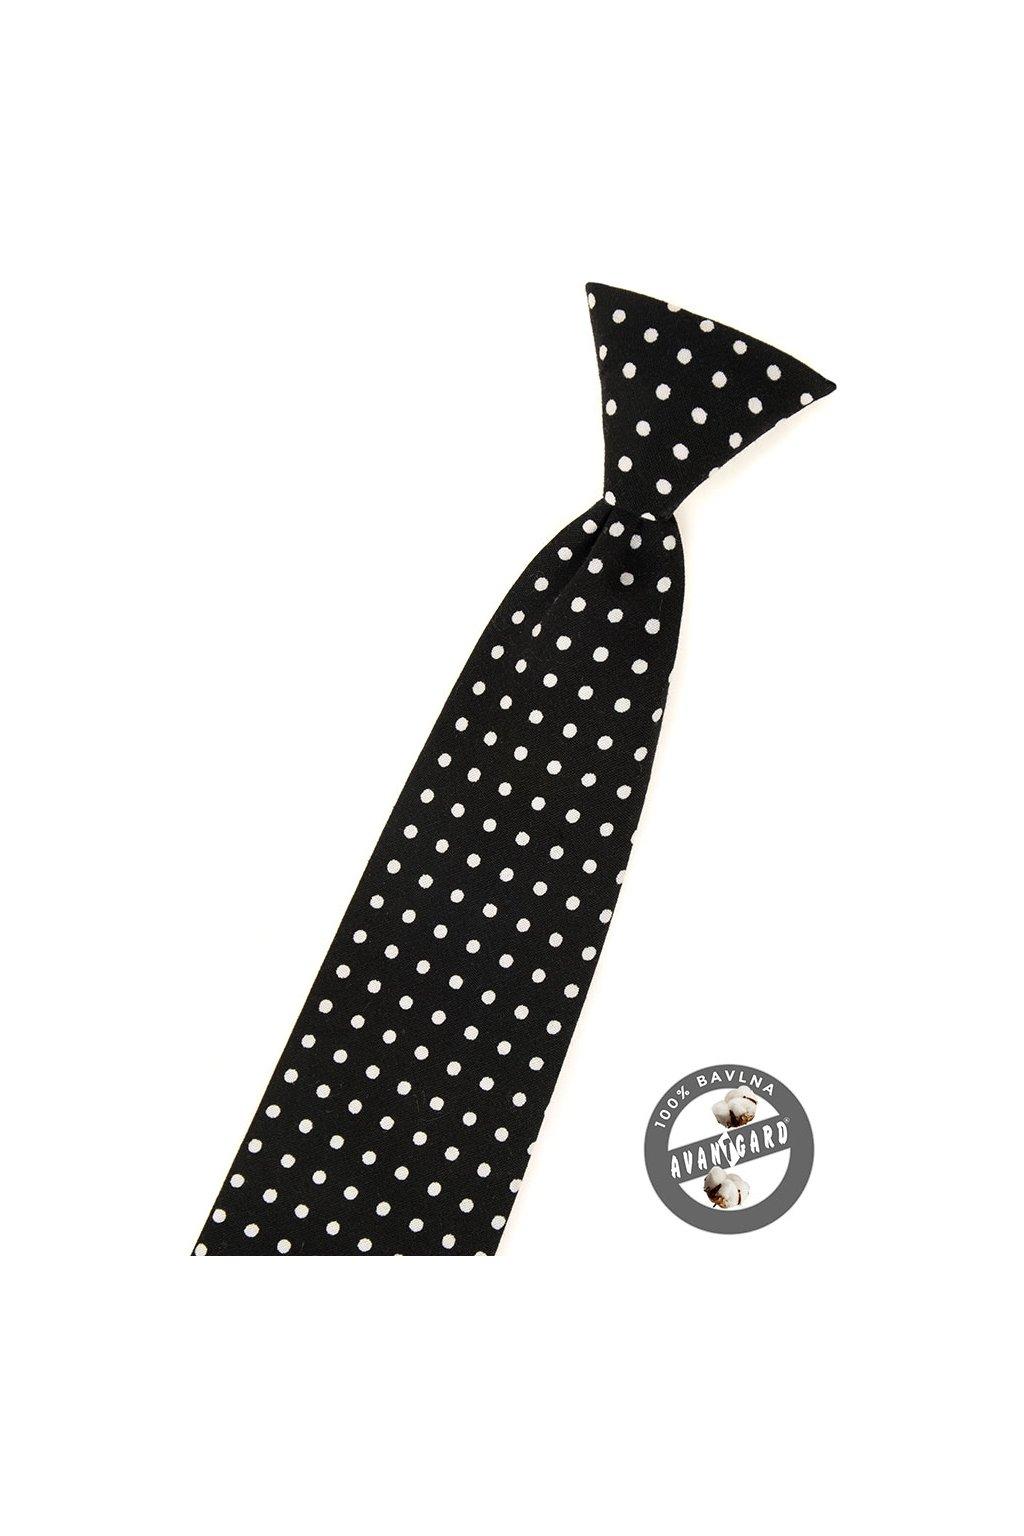 Chlapecká kravata, 558-5120, Černá s bílým puntíkem